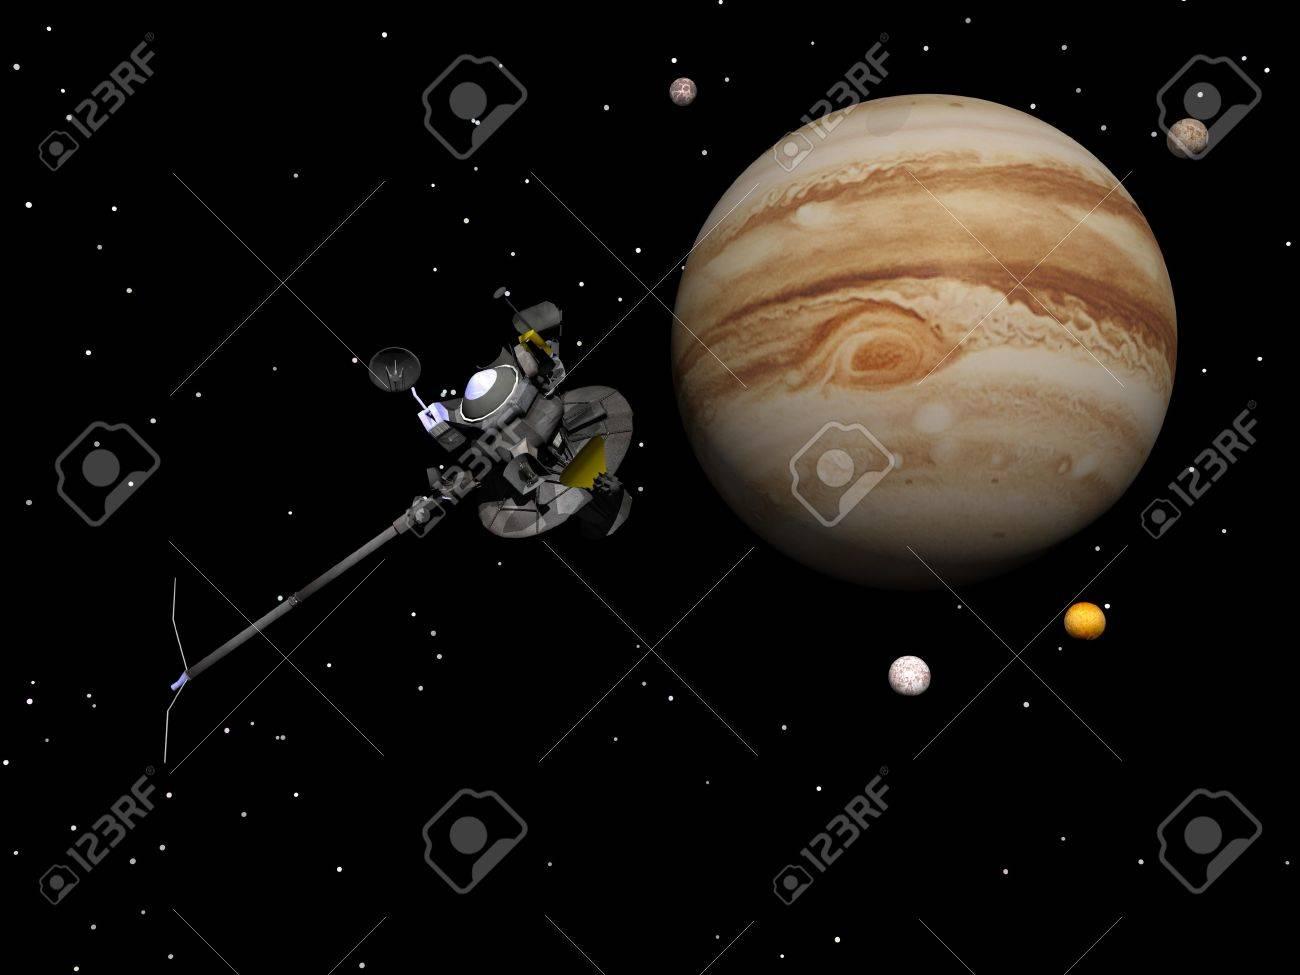 Voyager Nave Espacial Cerca De Jupiter Y Sus Cuatro Satelites